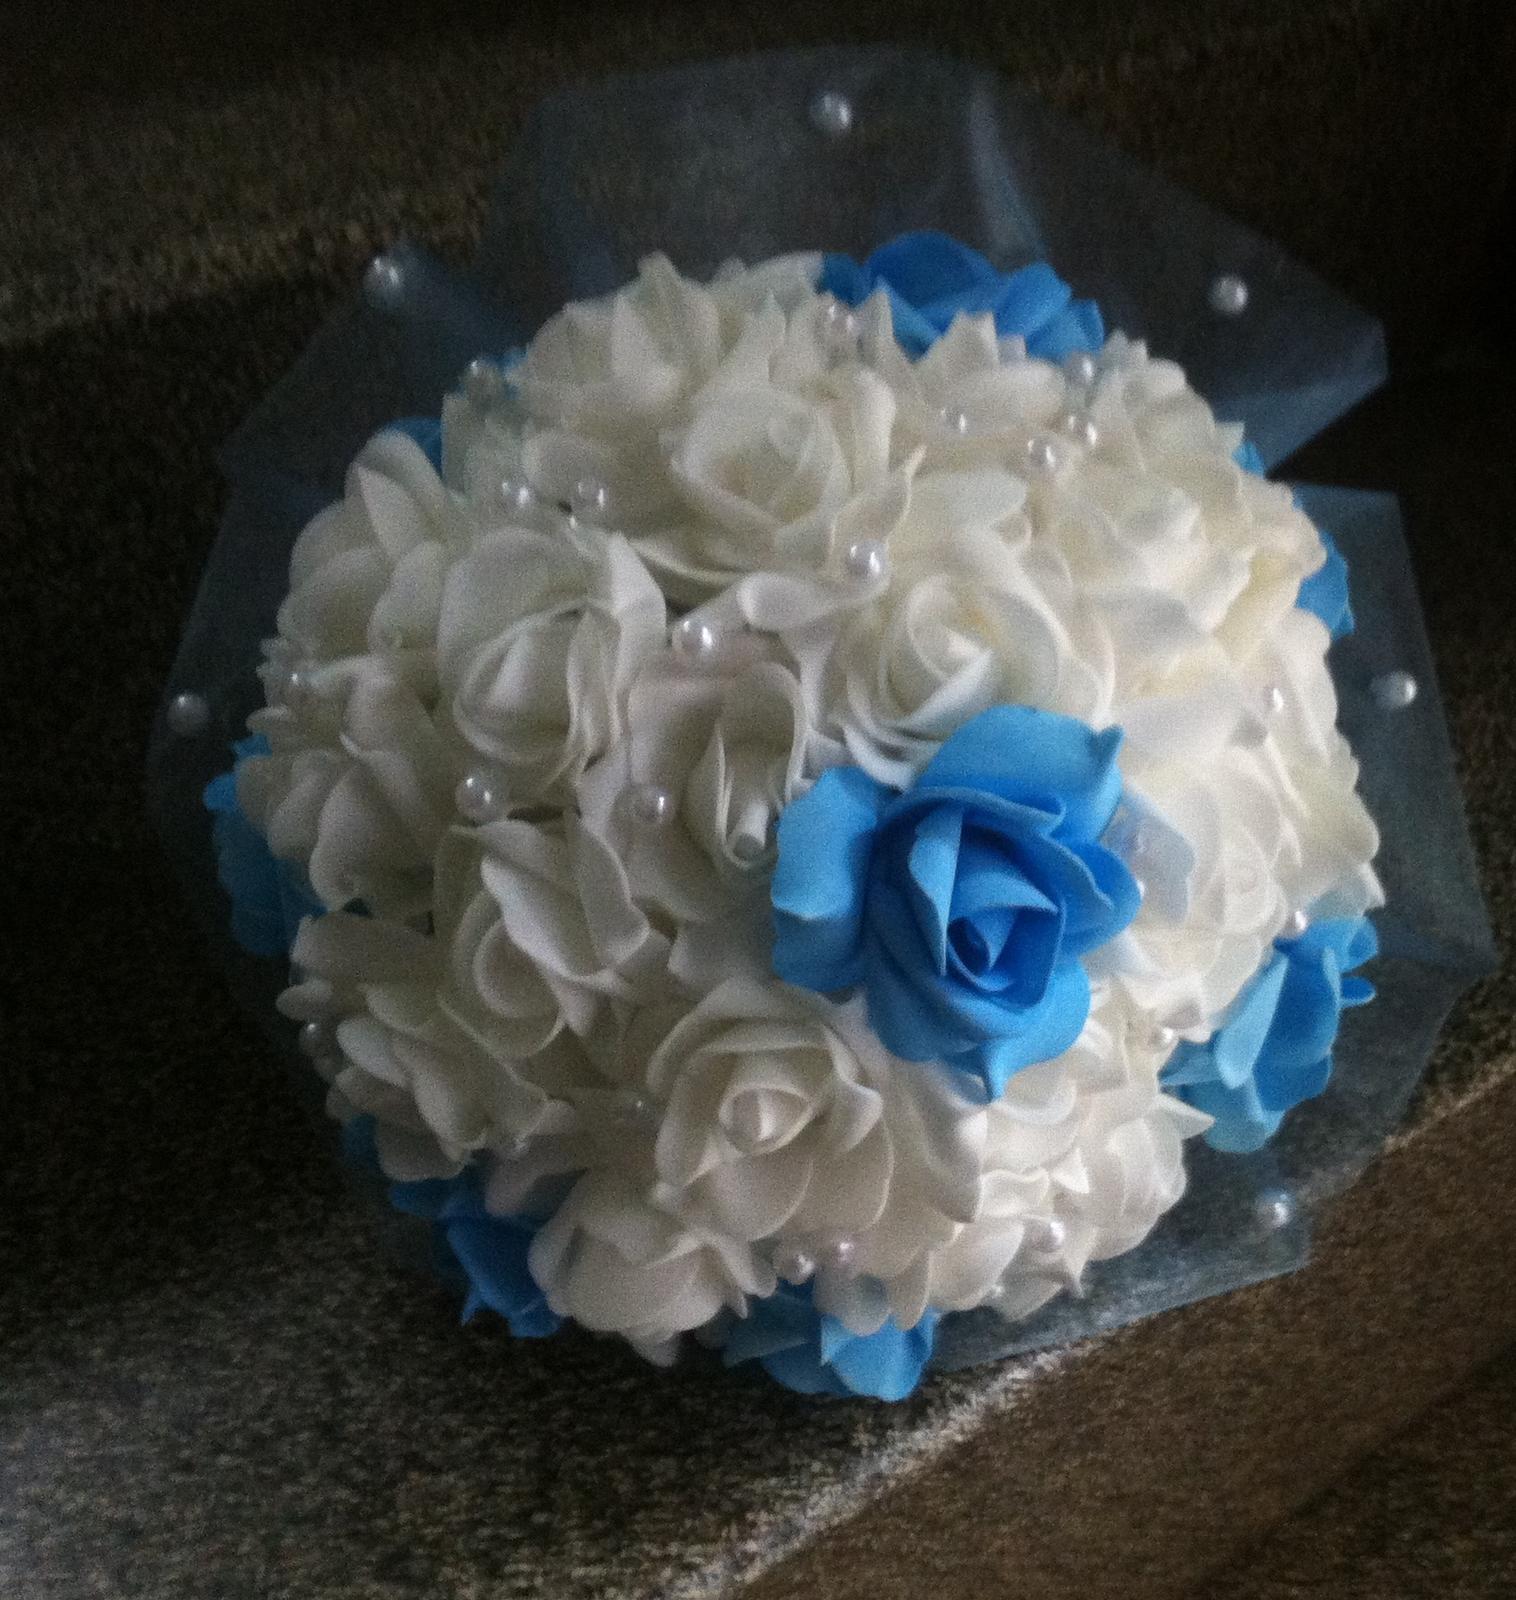 Netradiční svatební kytice - pěnové růžičky + polštářky pod prstýnky, košíčky - Obrázek č. 96